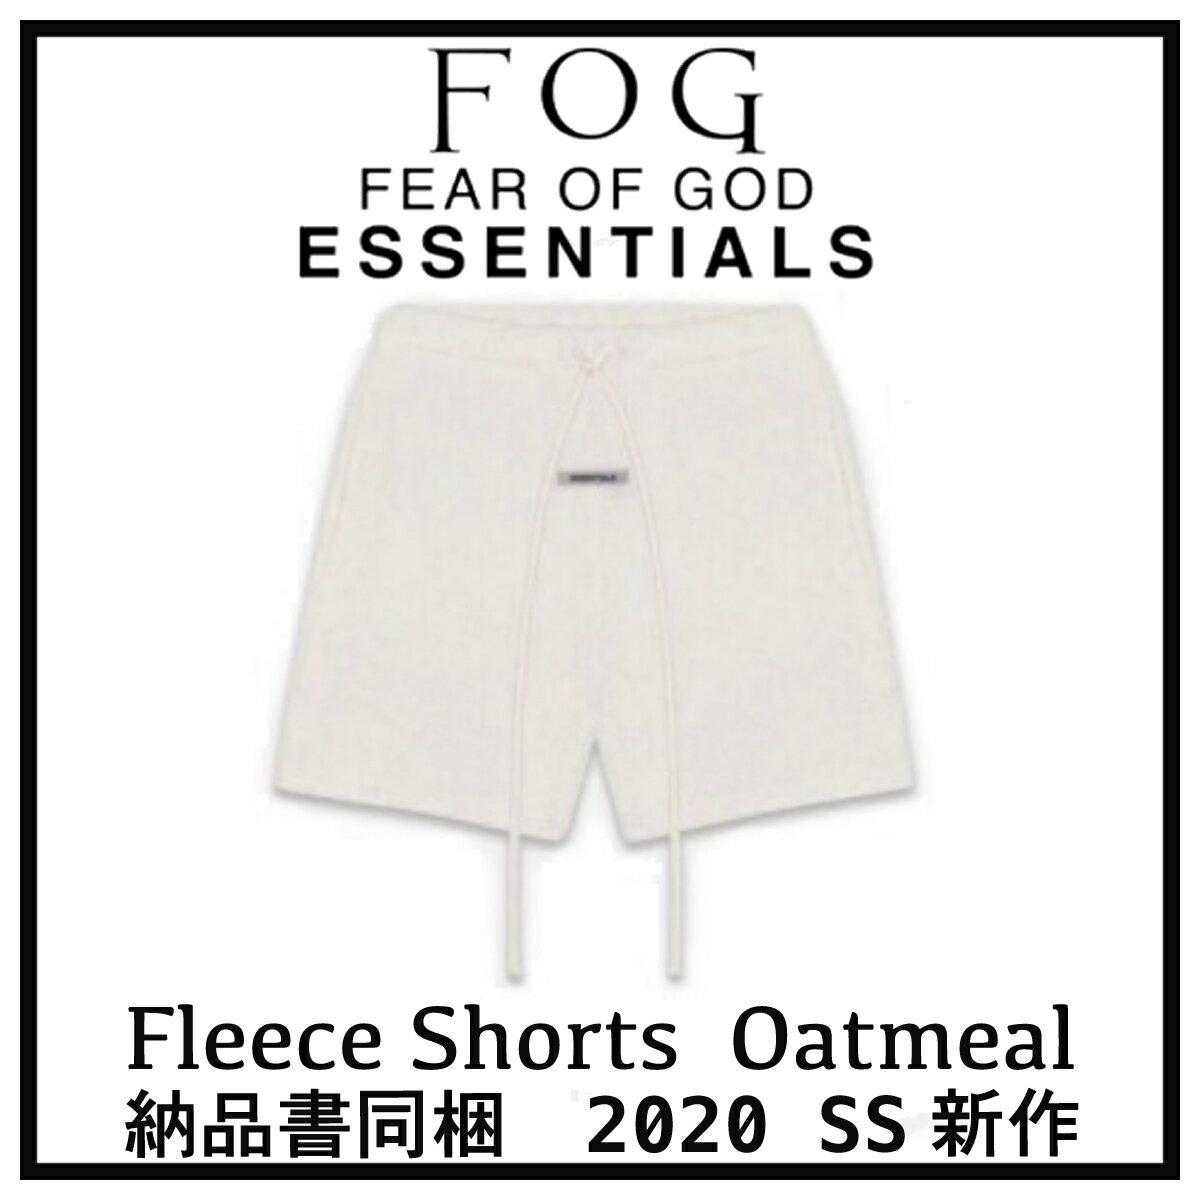 メンズファッション, ズボン・パンツ 2020 FOG FEAR OF GOD ESSENTIALS